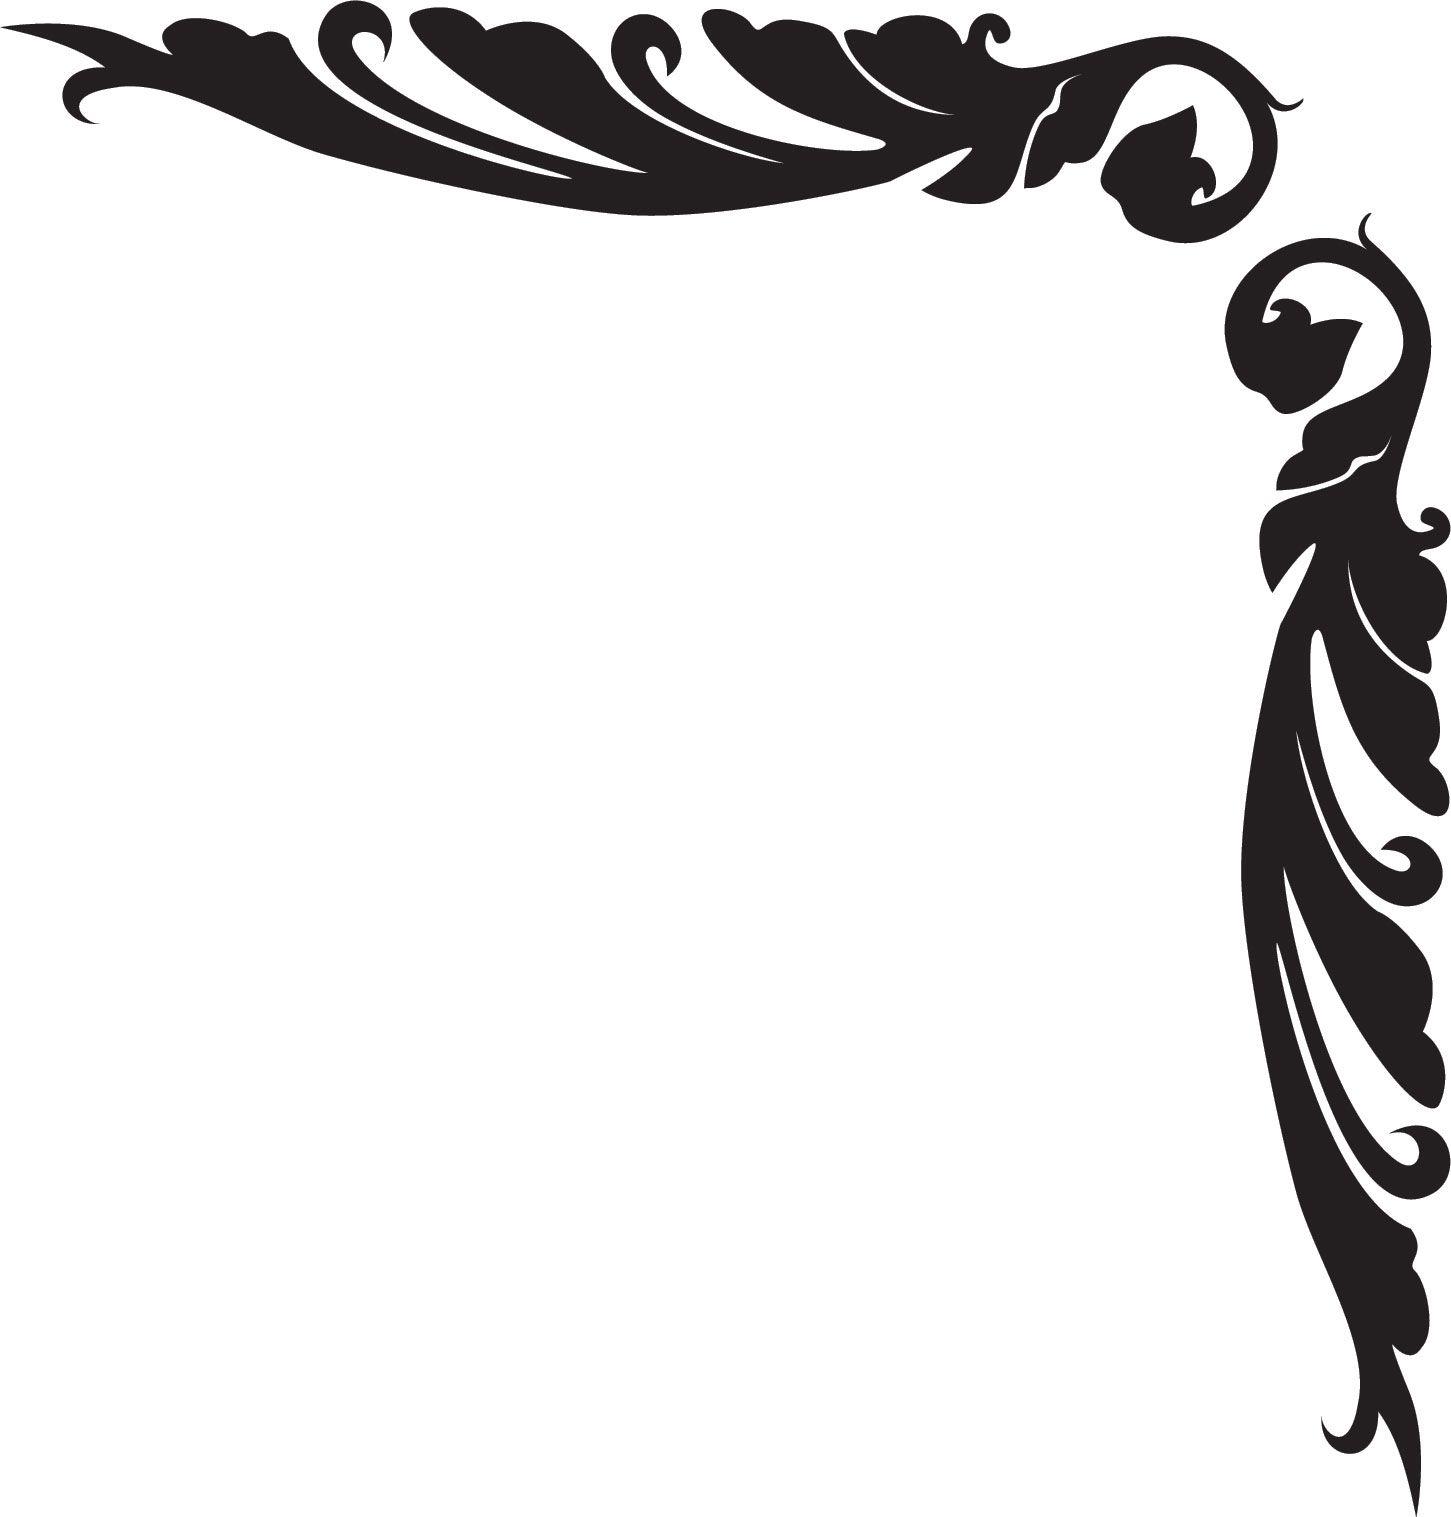 葉っぱのイラスト フリー素材 コーナーライン 角 No 021 白黒 葉 コーナー 白黒 イラスト 線 イラスト